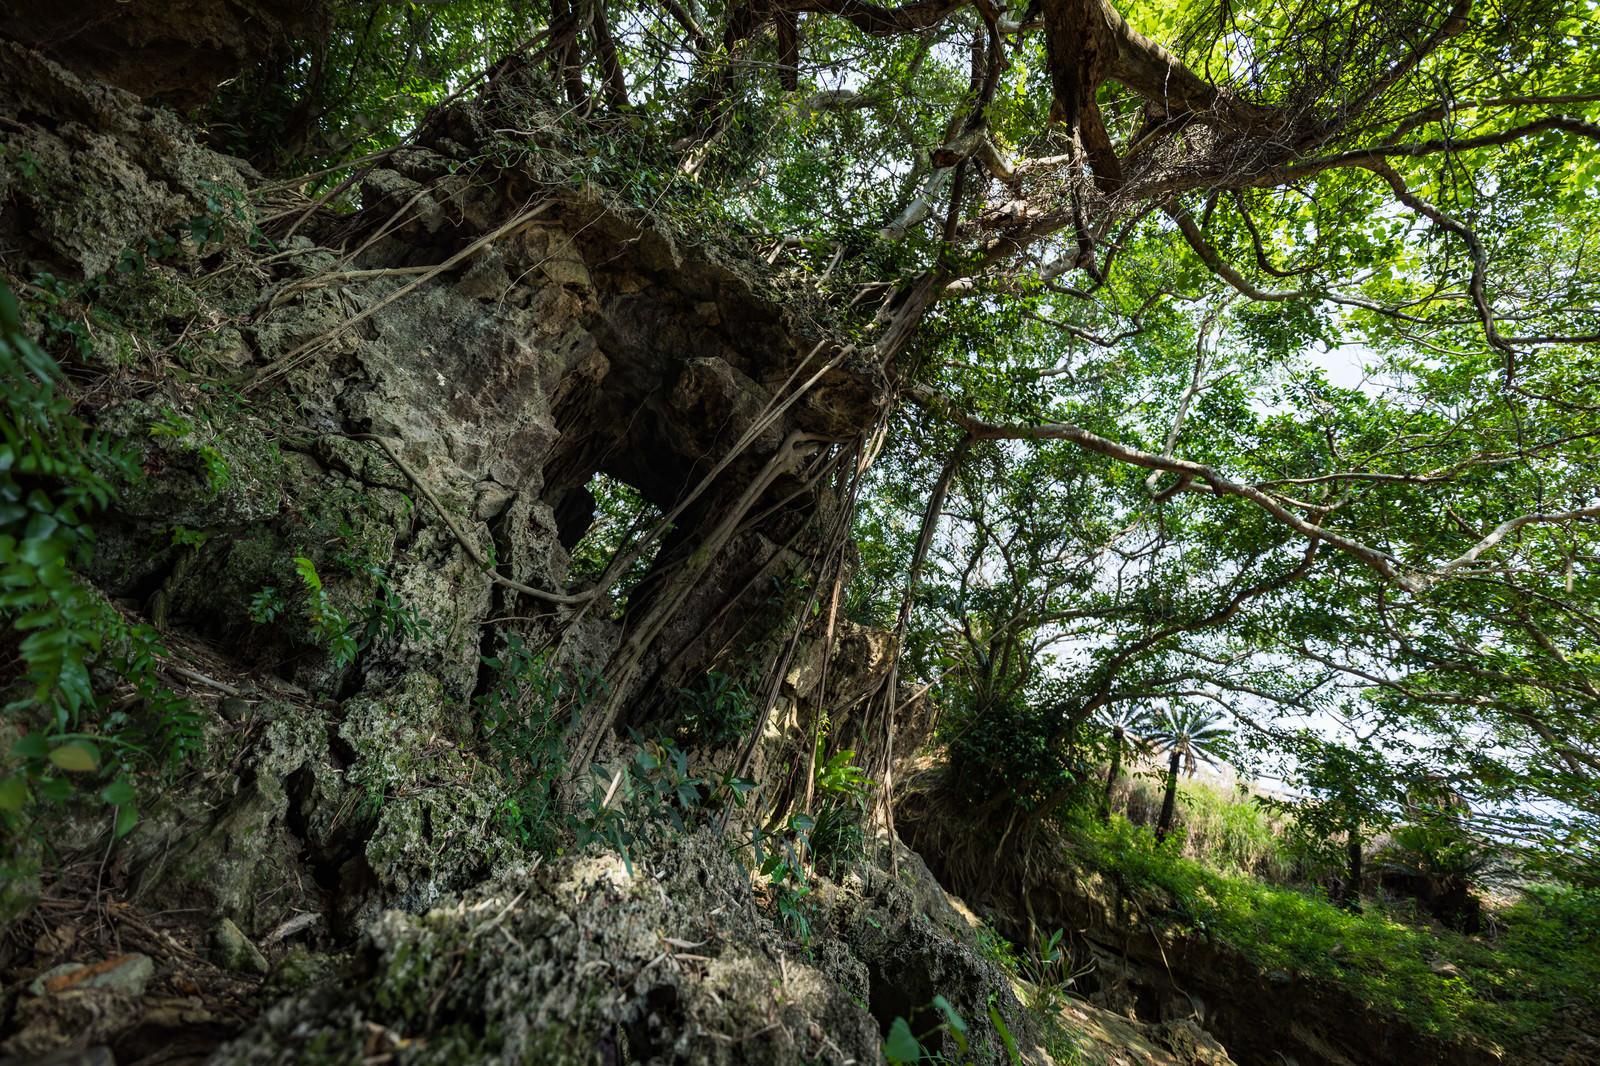 「湾屋洞窟(ウンブキ)のガジュマル」の写真